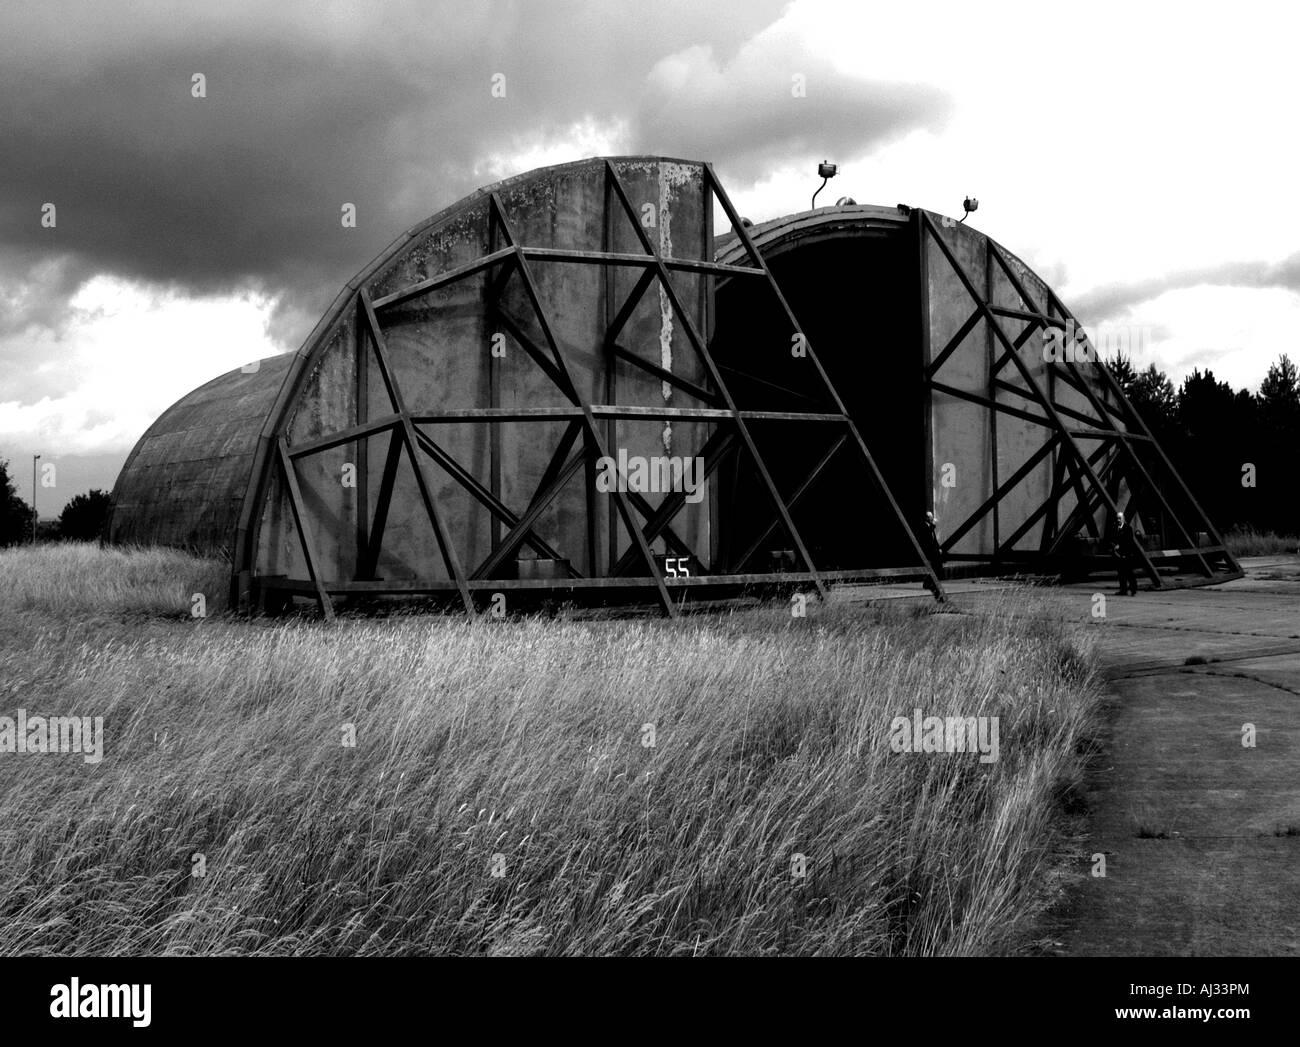 Prueba de bombas suspensión del avión desde el período de la guerra fría. Imagen De Stock